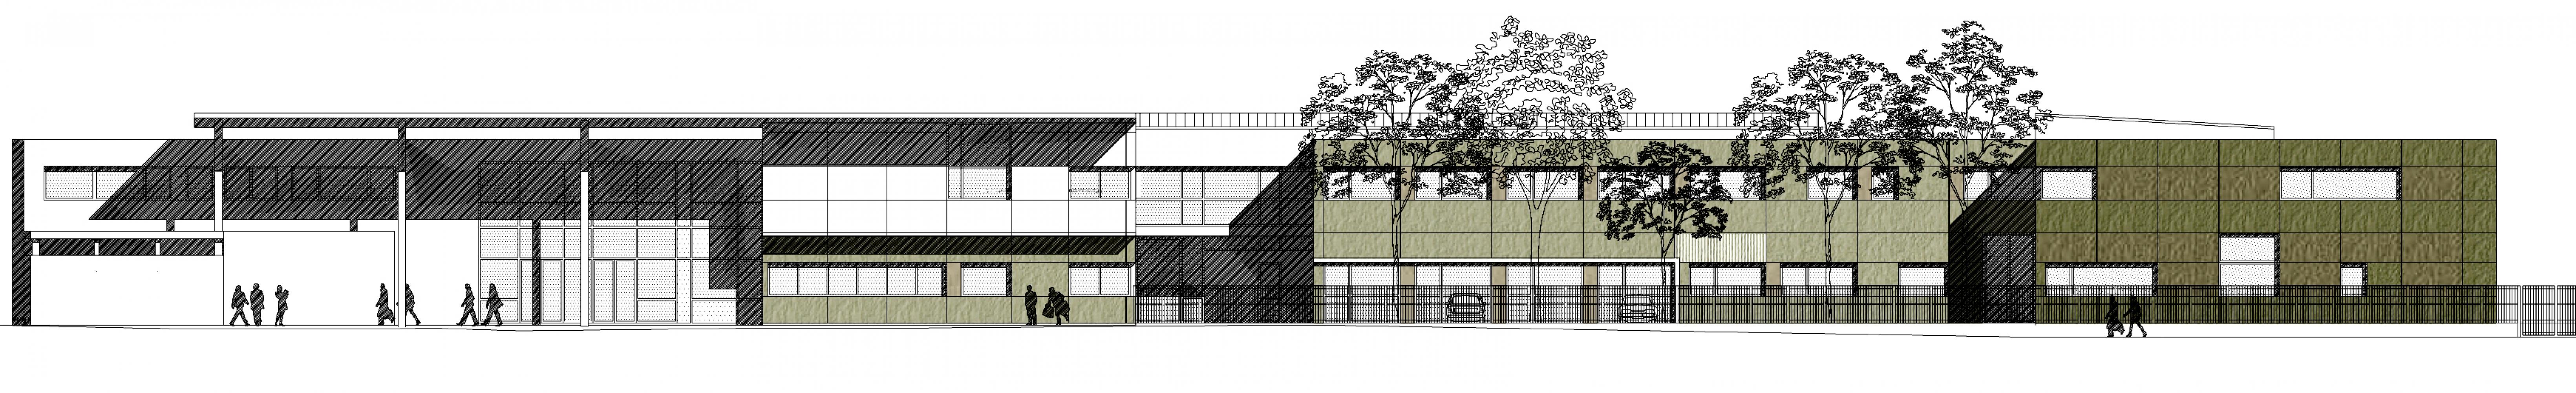 12-val-de-reuil-img-005 Pascale SEURIN Architecte - Pascale SEURIN Architecte